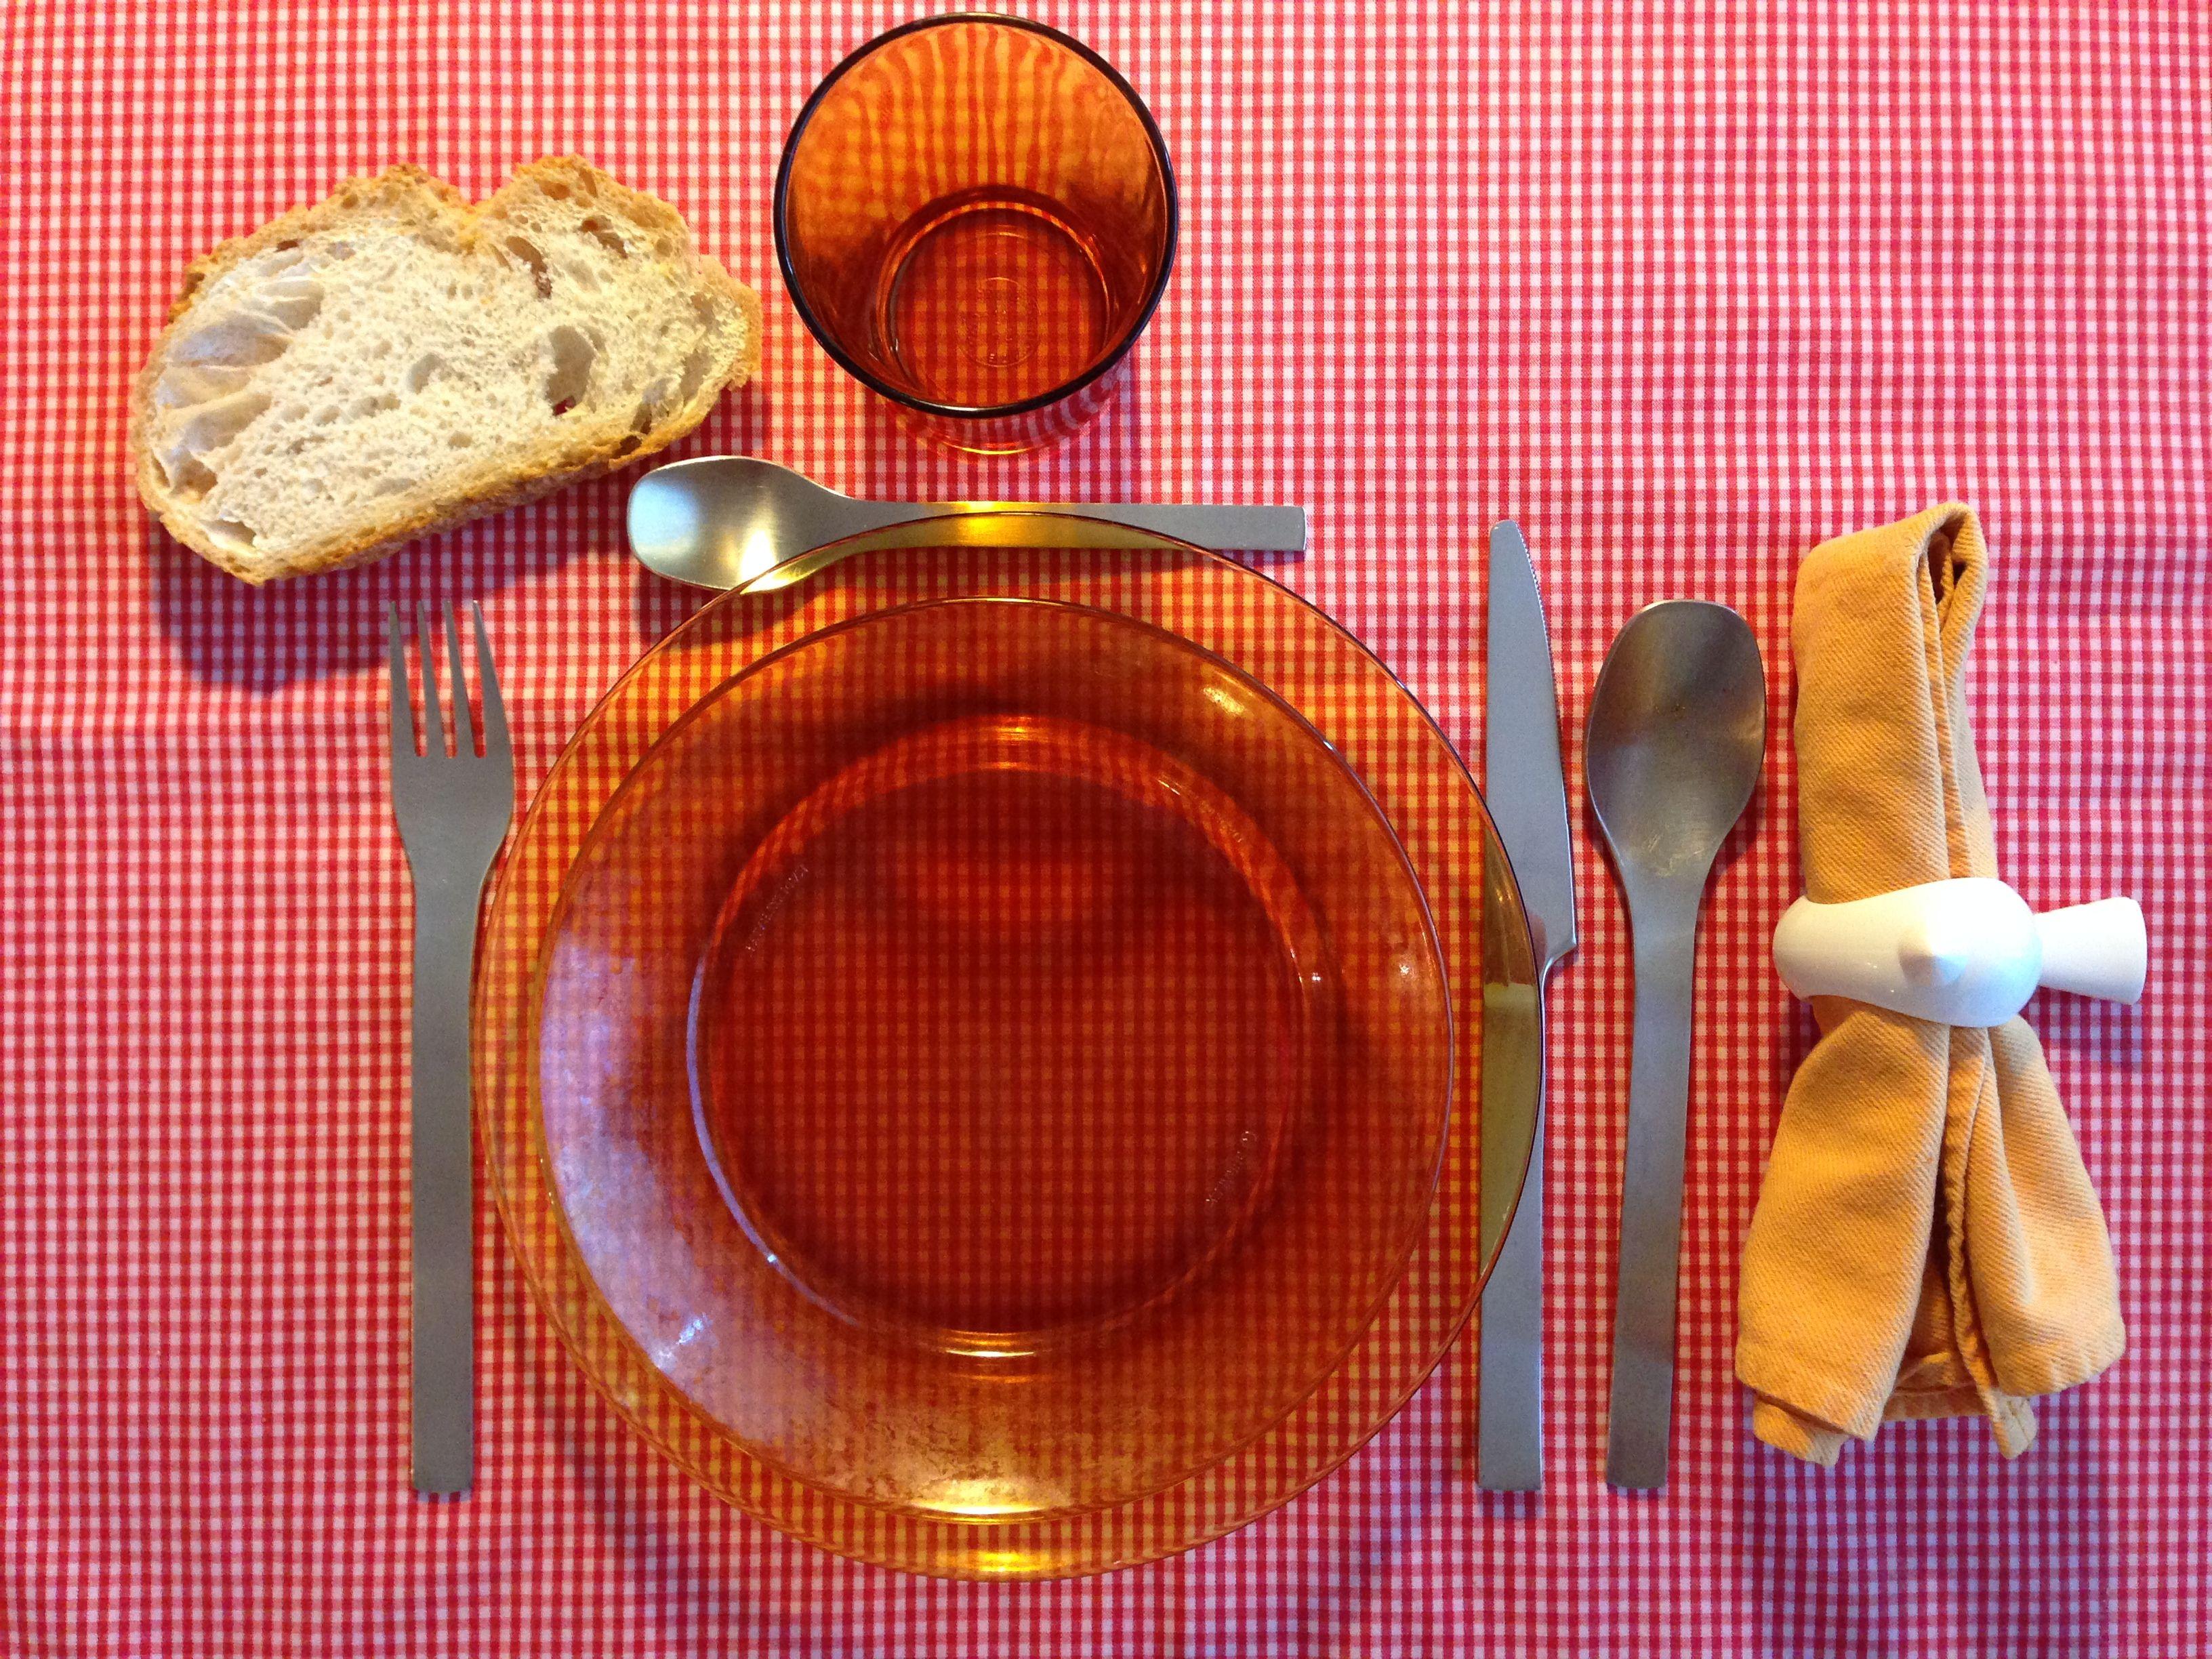 Preparar un ambient d'estil Montessori a taula